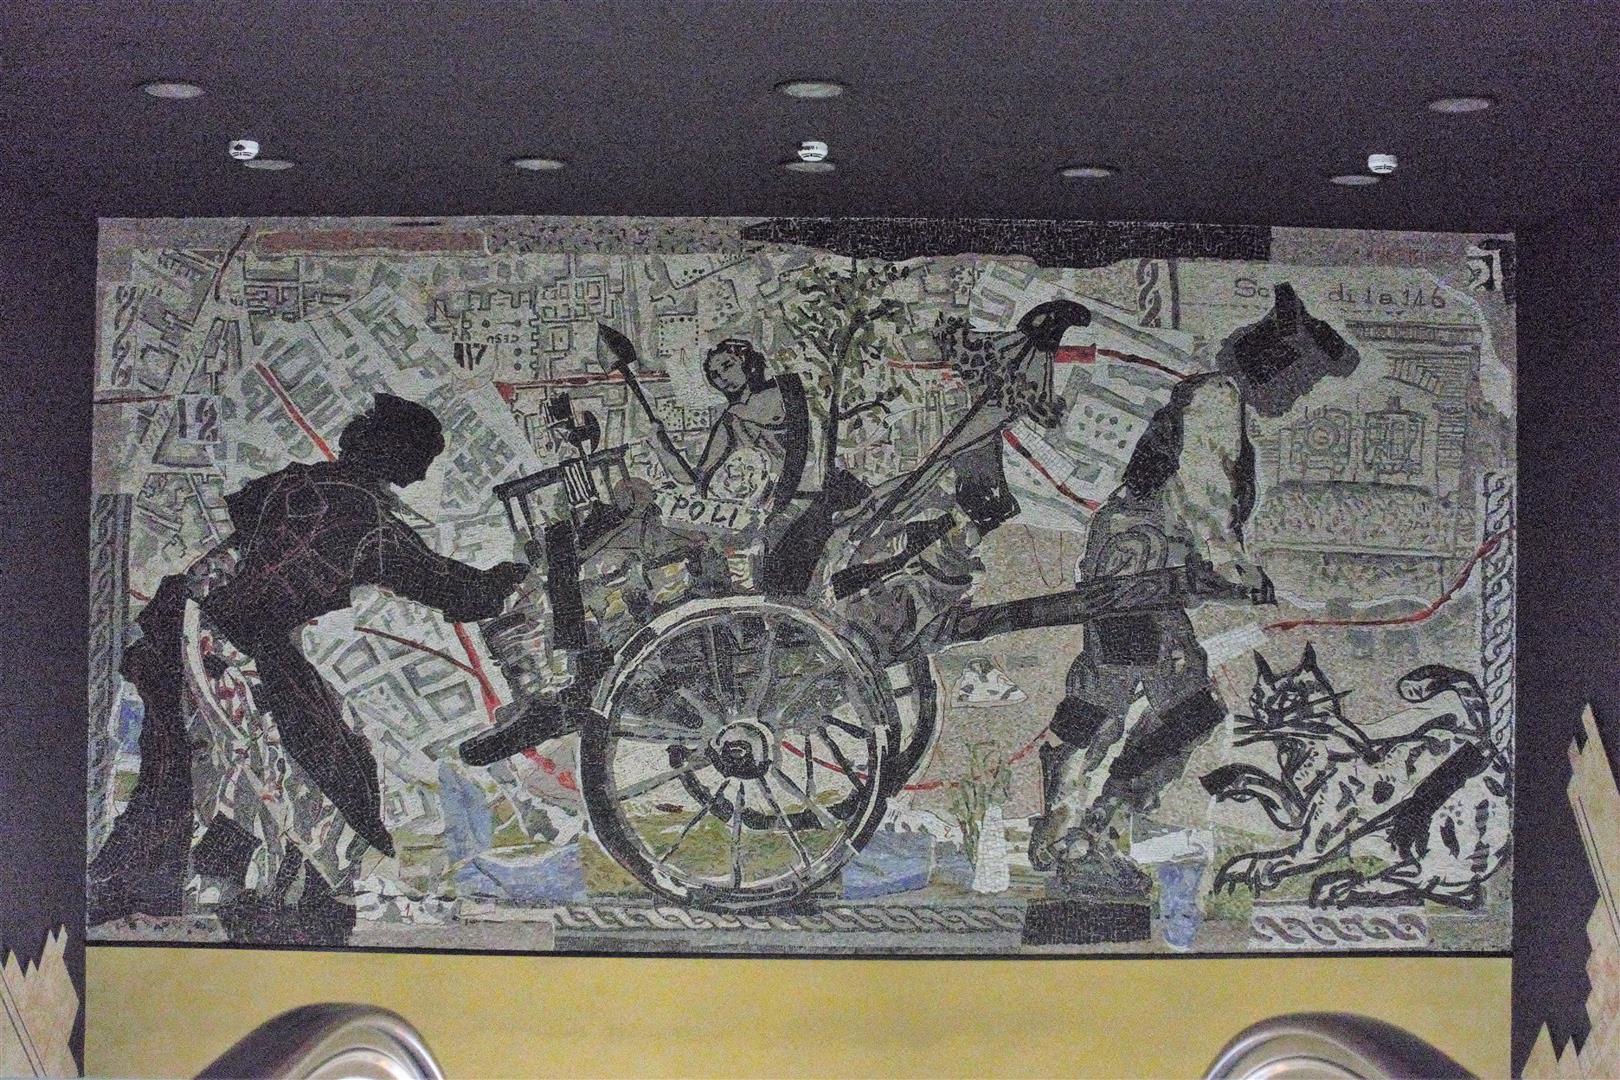 Mosaik von W. Kentridge, die Scherben der Revolution 1799